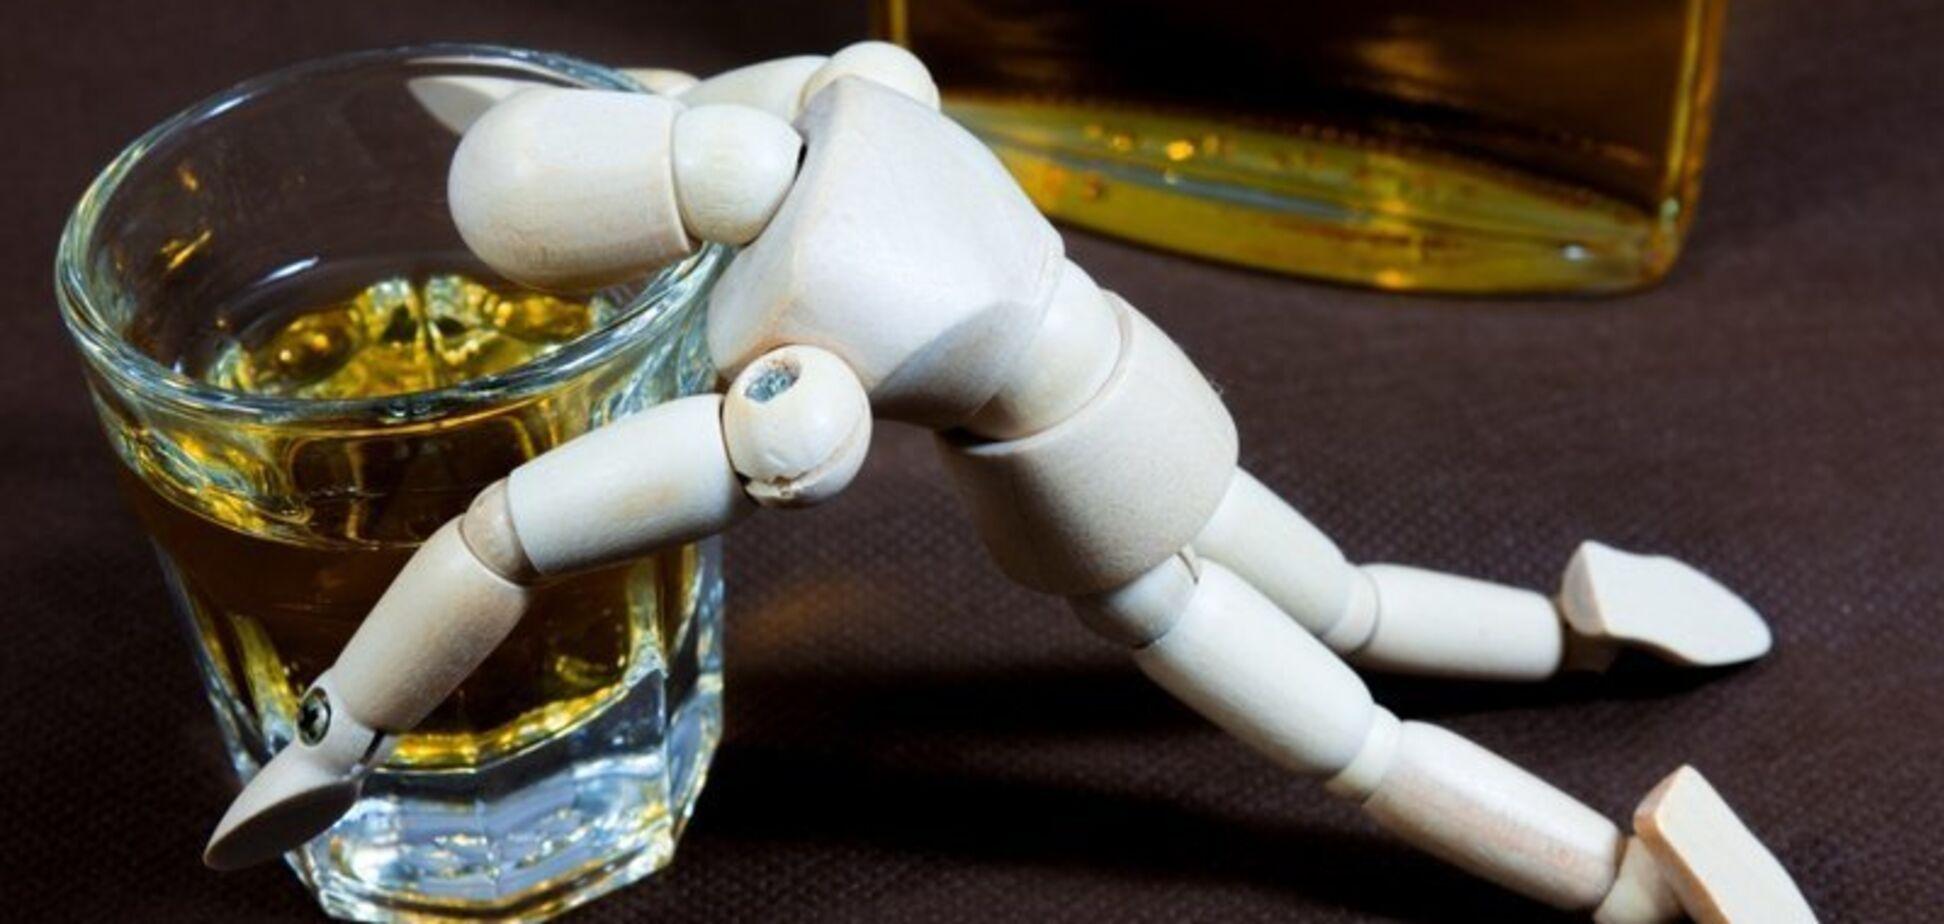 Фізкультура на допомогу: знайдено надійний спосіб перемогти алкоголізм